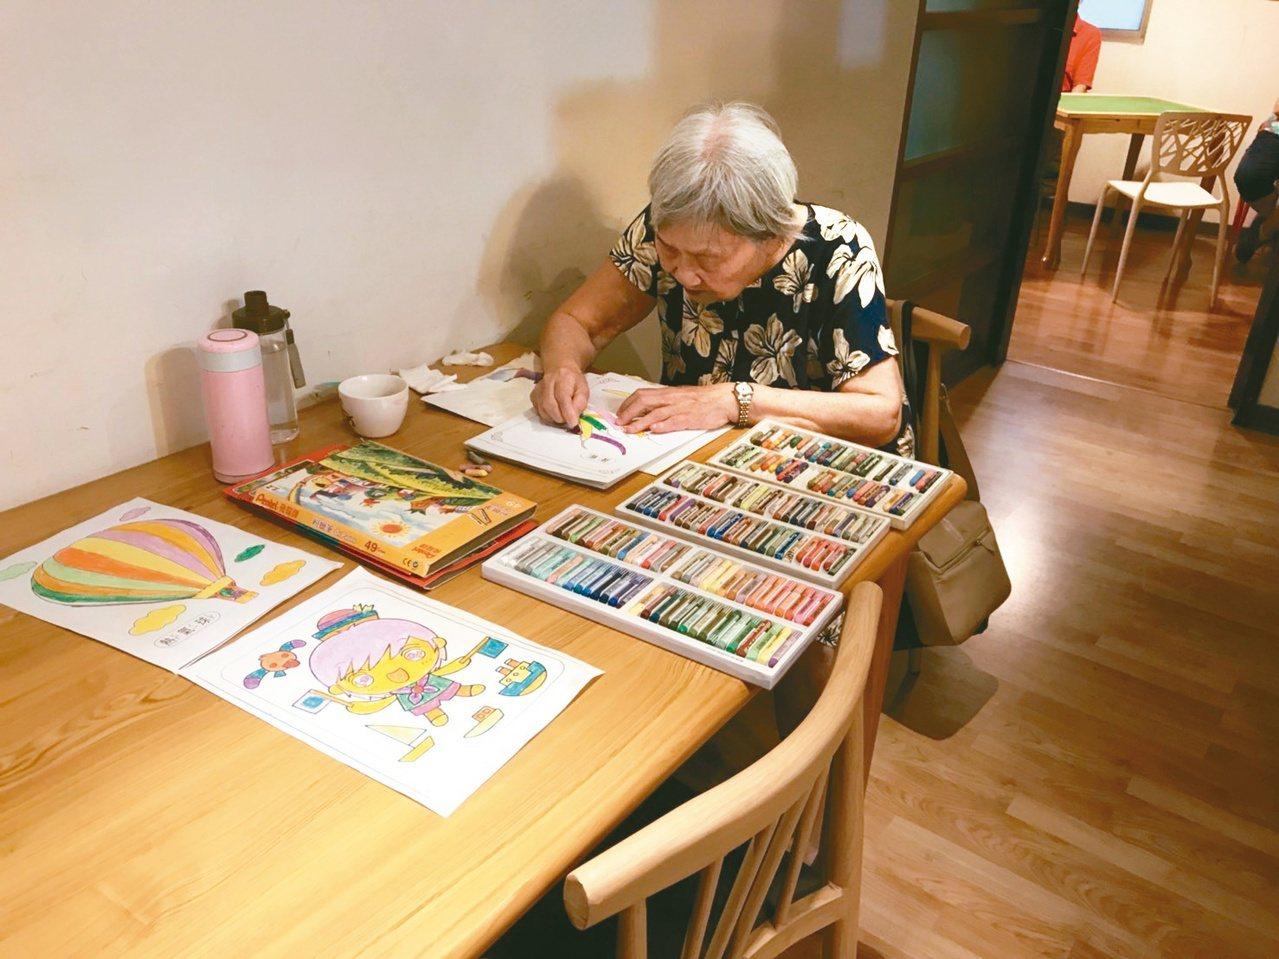 瑞智互助家庭提供空間,讓長者從事畫畫、唱卡拉OK等活動。 圖/簡浩正 攝影